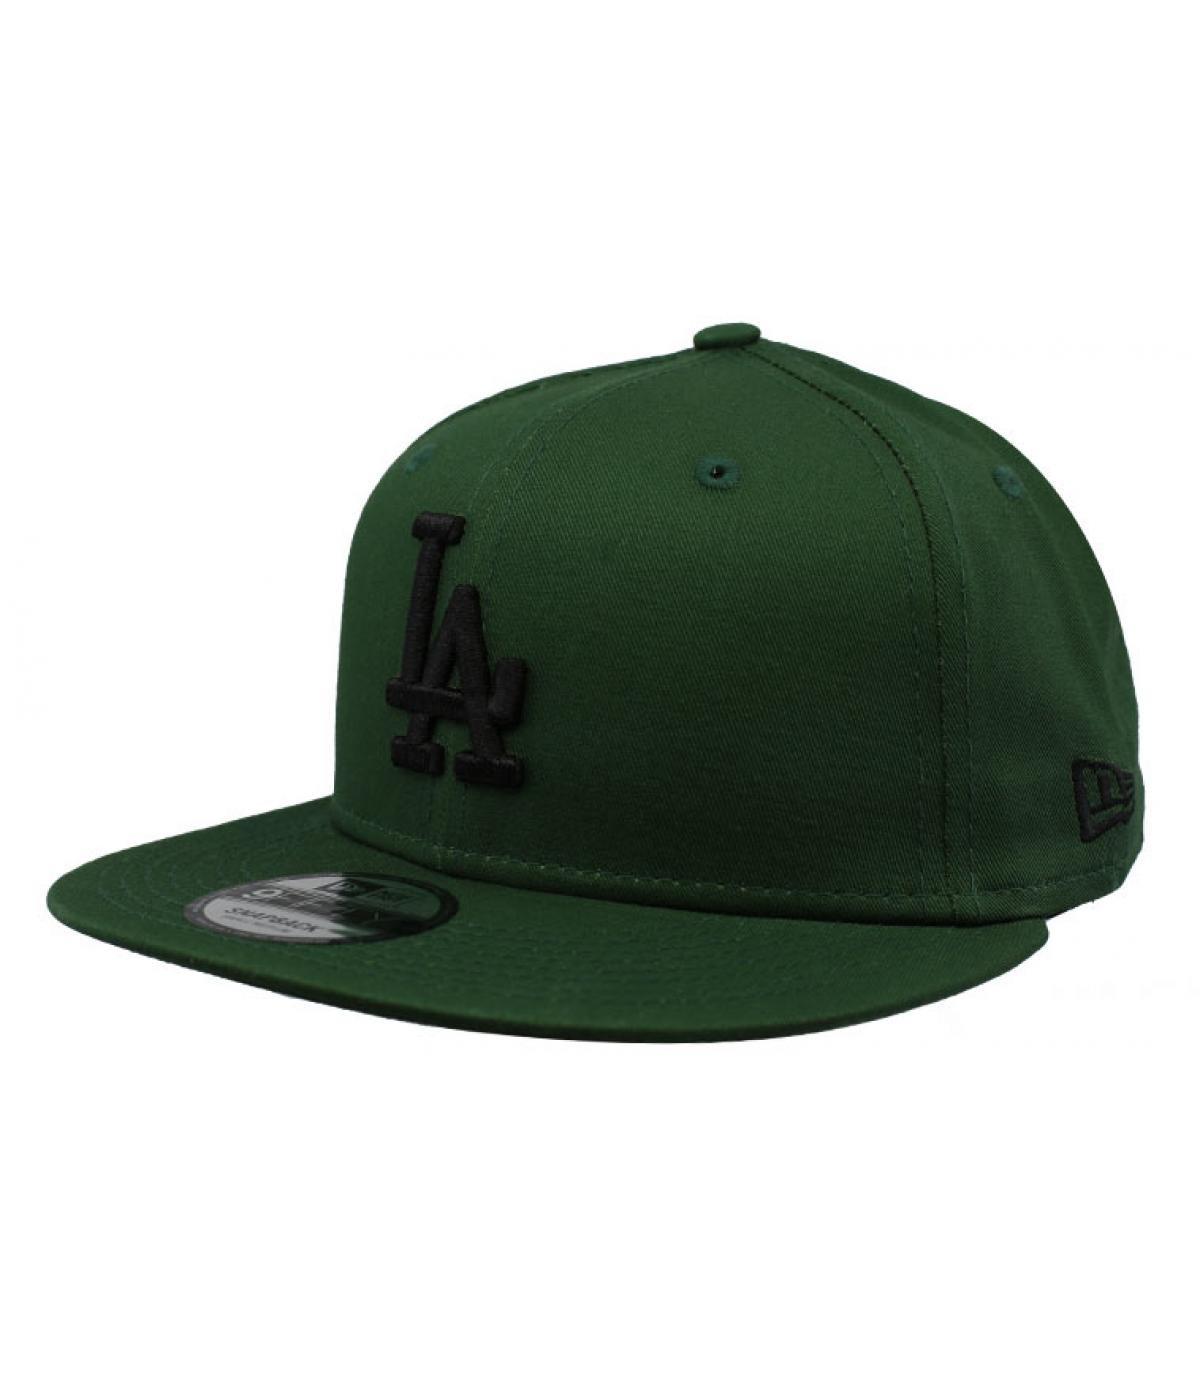 Details Snapback League Ess LA 950 hooley green black - Abbildung 2